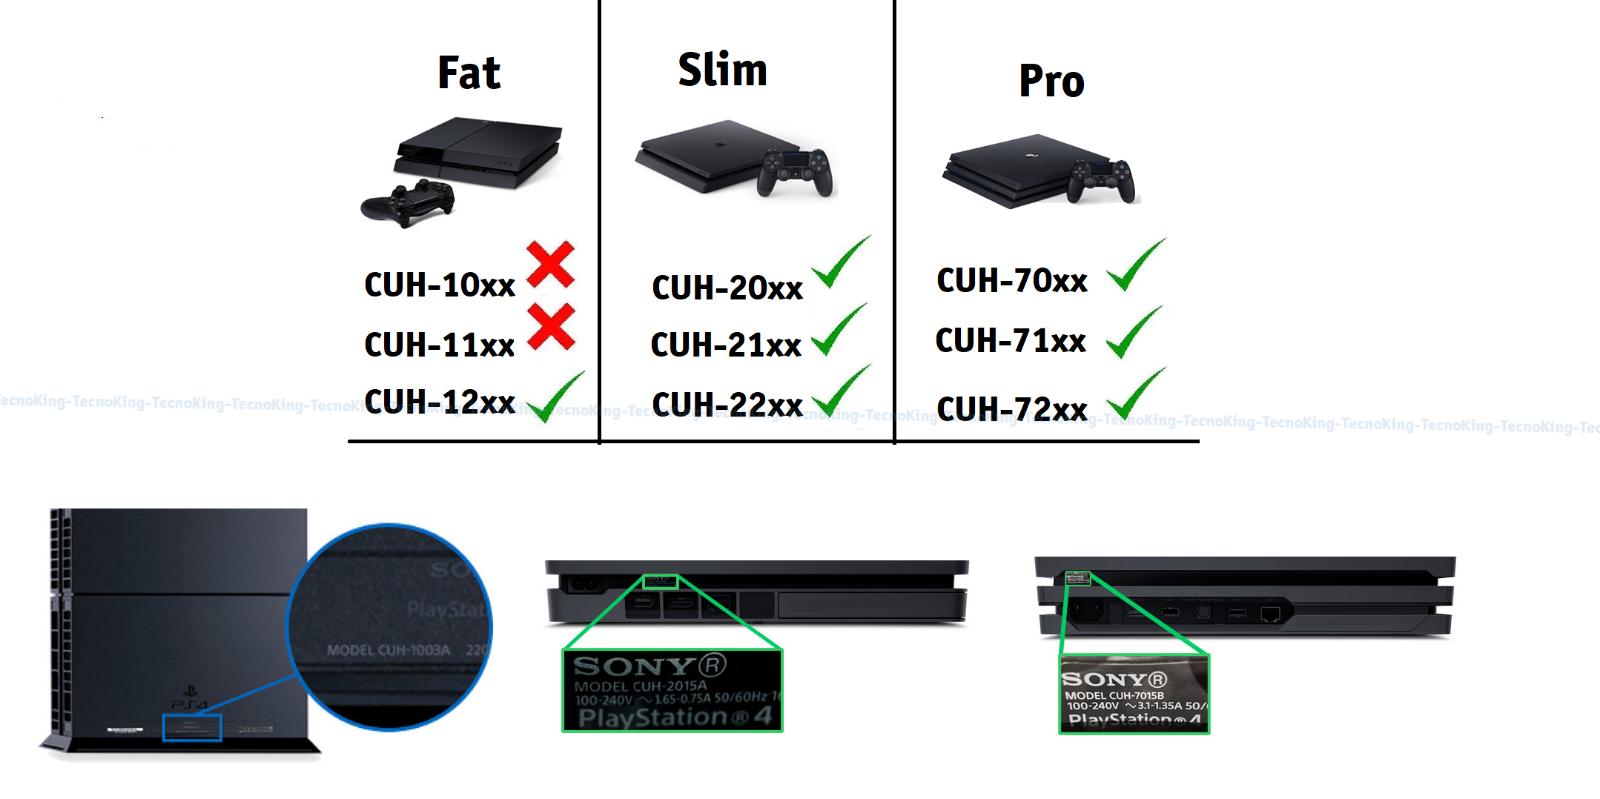 Lente Laser PS4 Playstation 4 SLIM PRO Gruppo Ottico 496AAA KEM-496AAA KES-496A 2